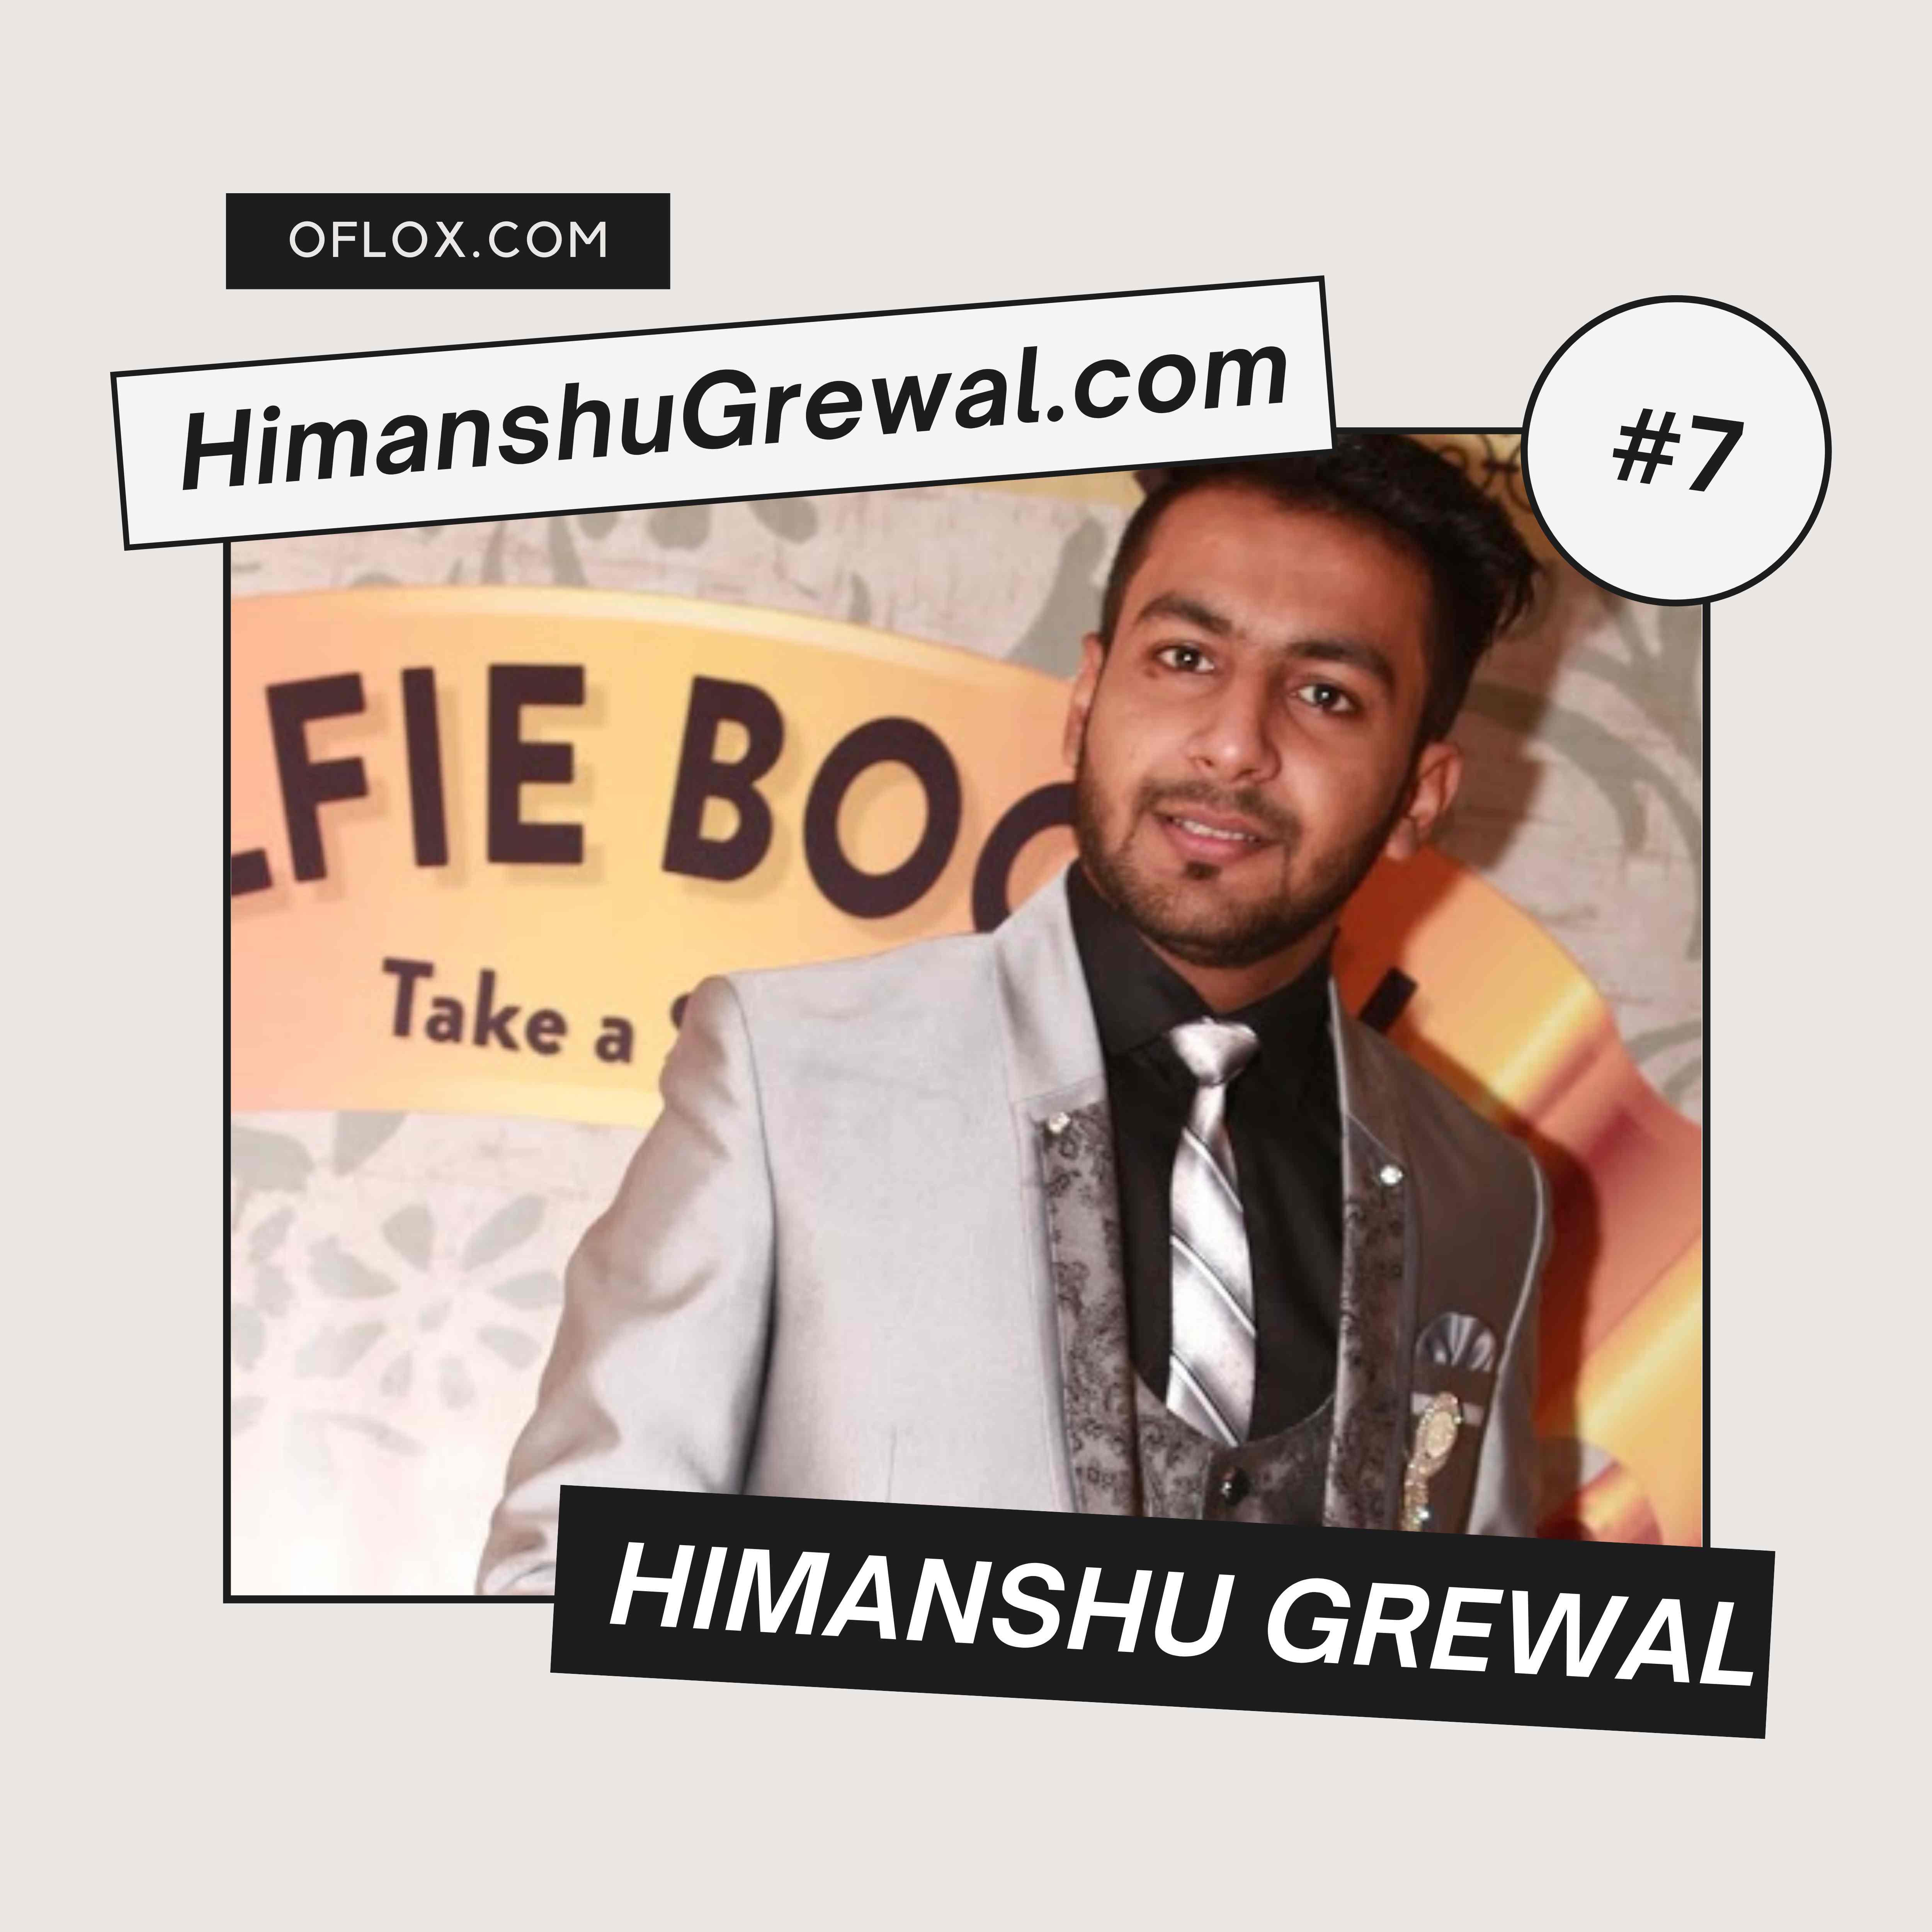 himanshugrewal.com